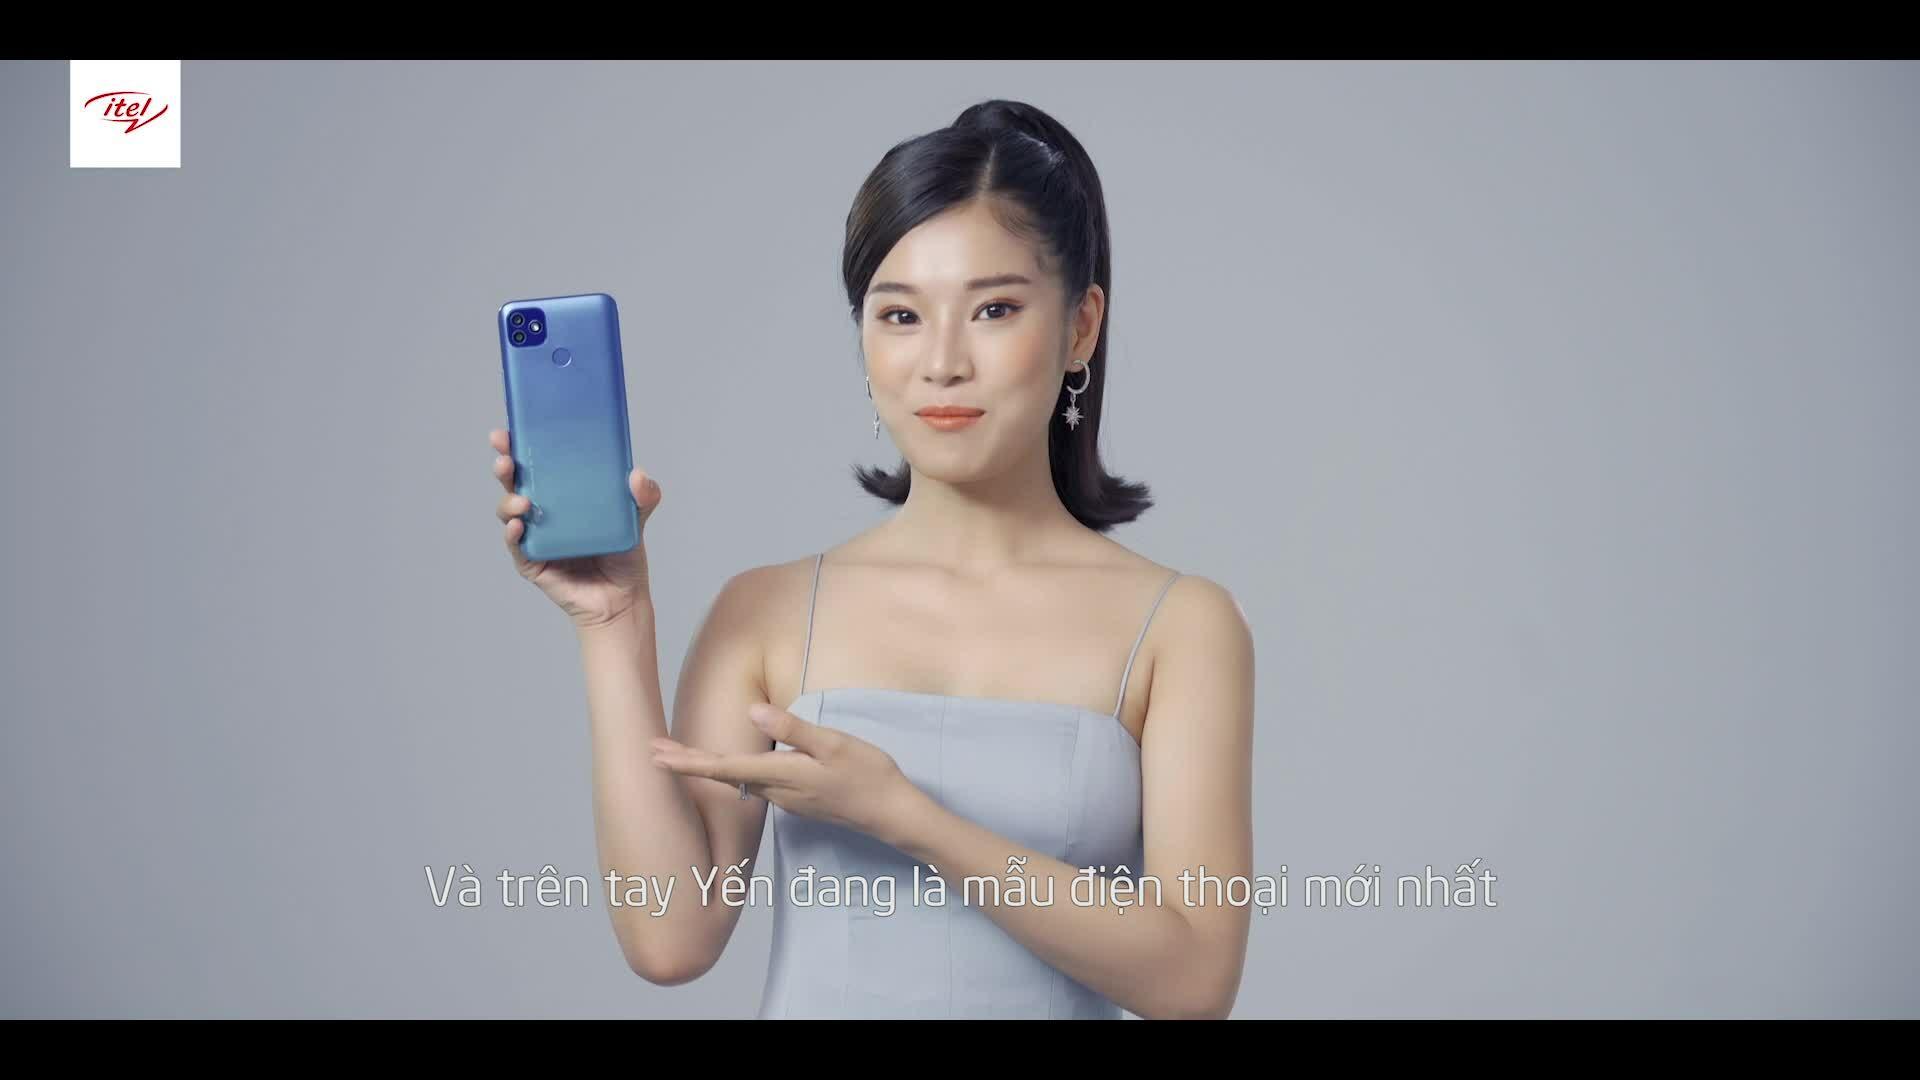 Hoàng Yến giới thiệu sản phẩm mới của itel Mobile